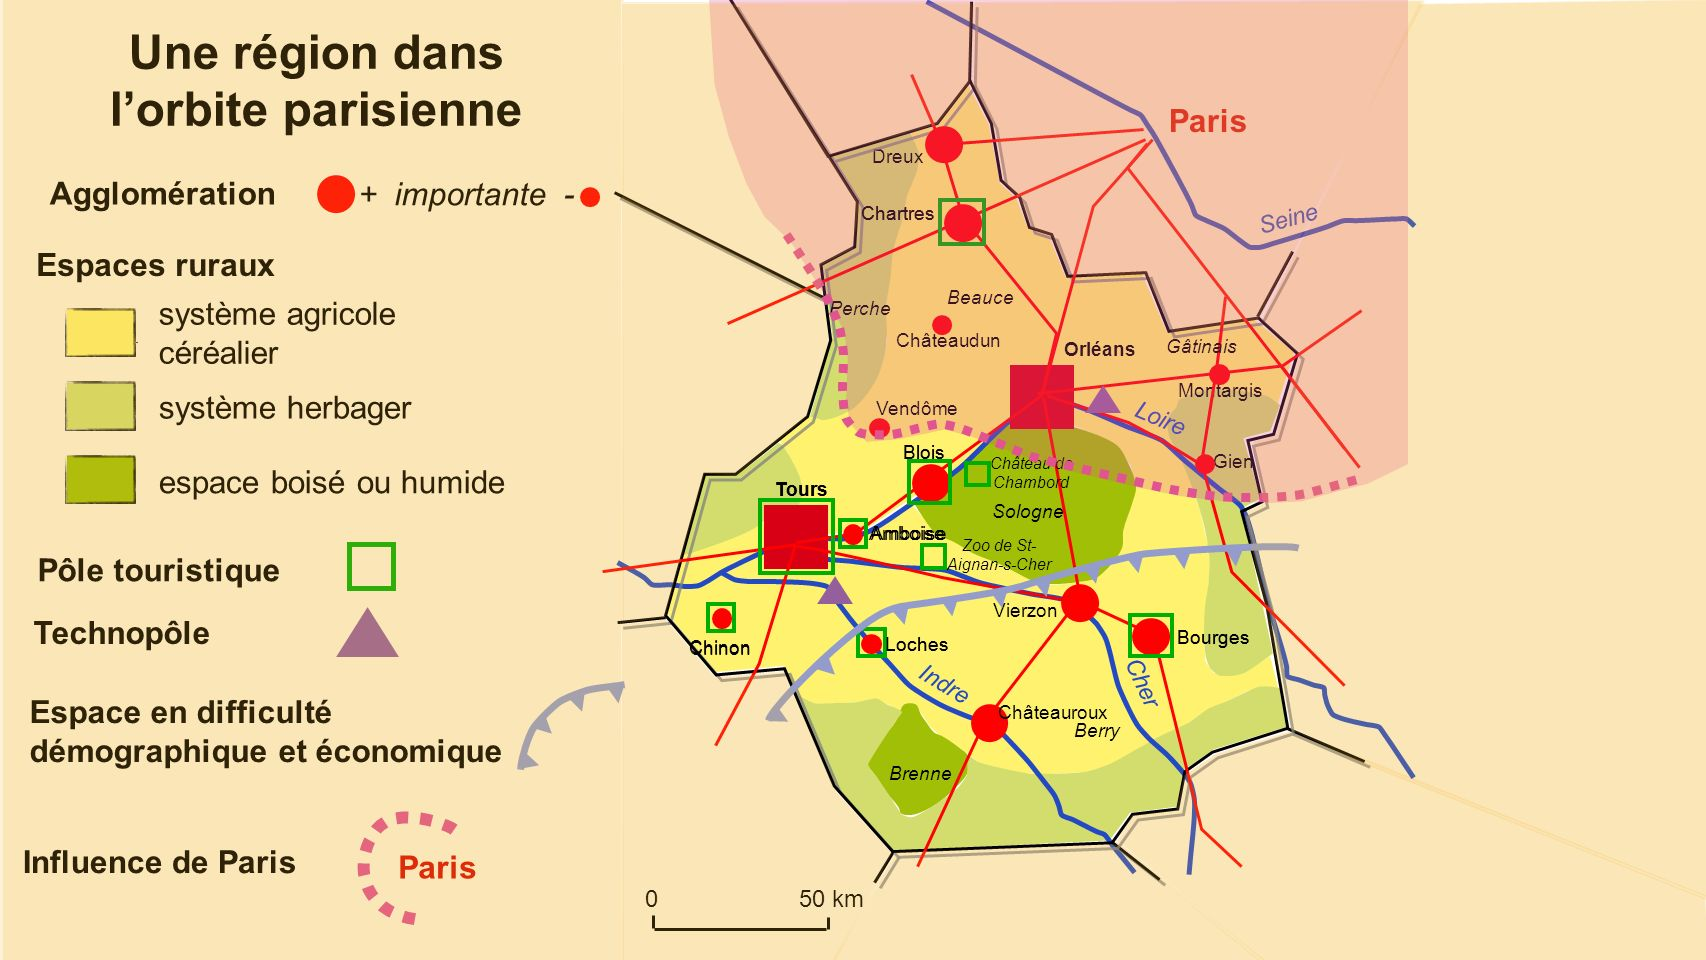 Une région dans l'orbite parisienne